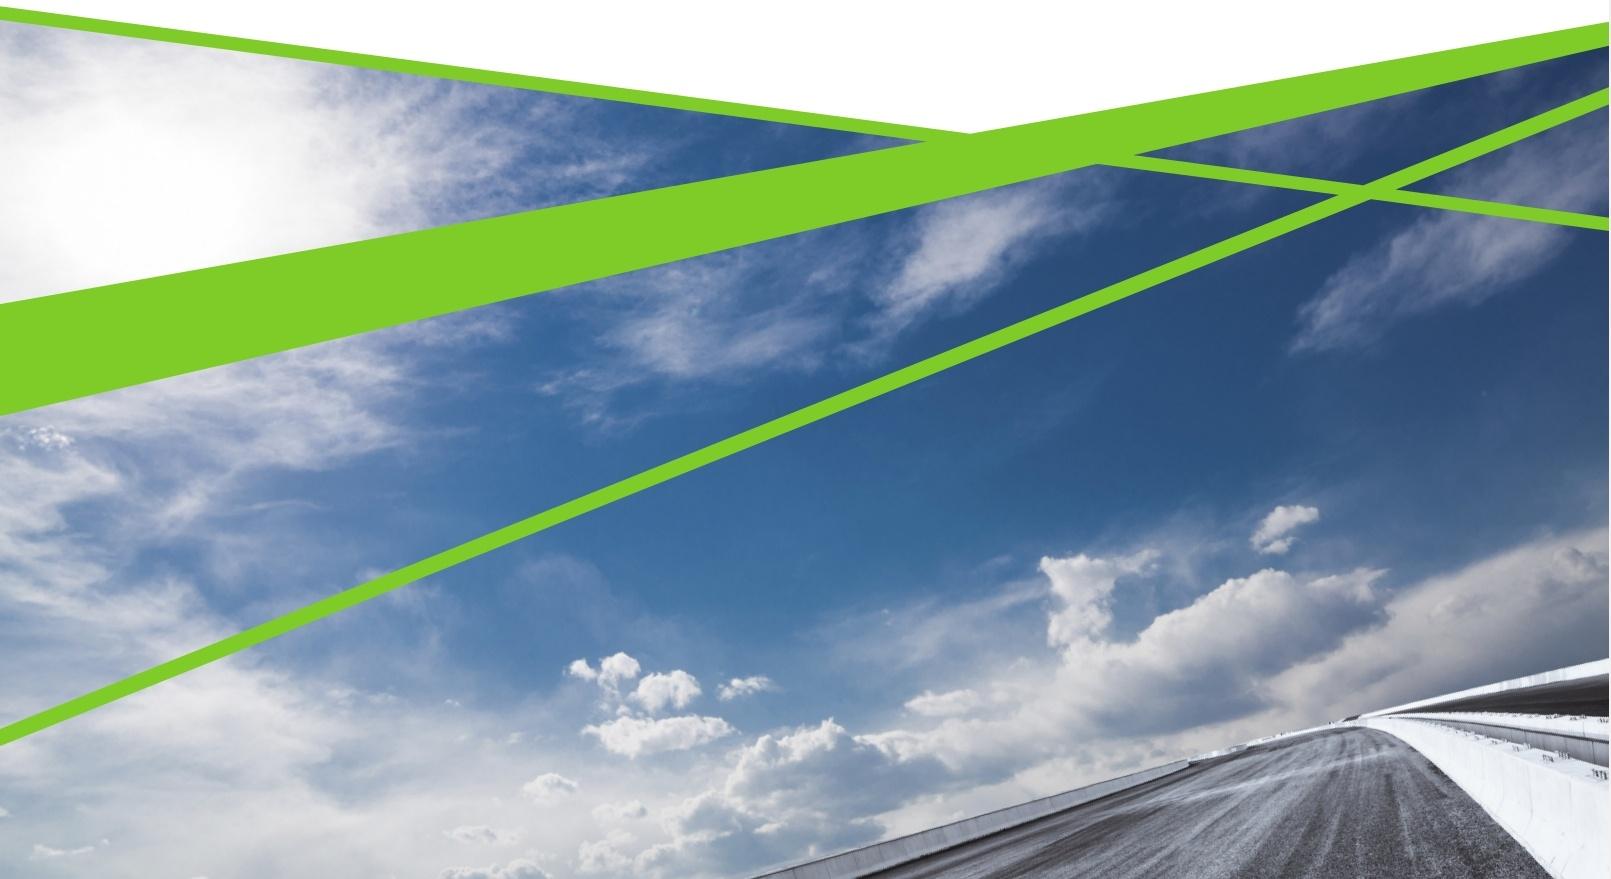 centurylink-cloud-portfolio-overview-viewport.jpg